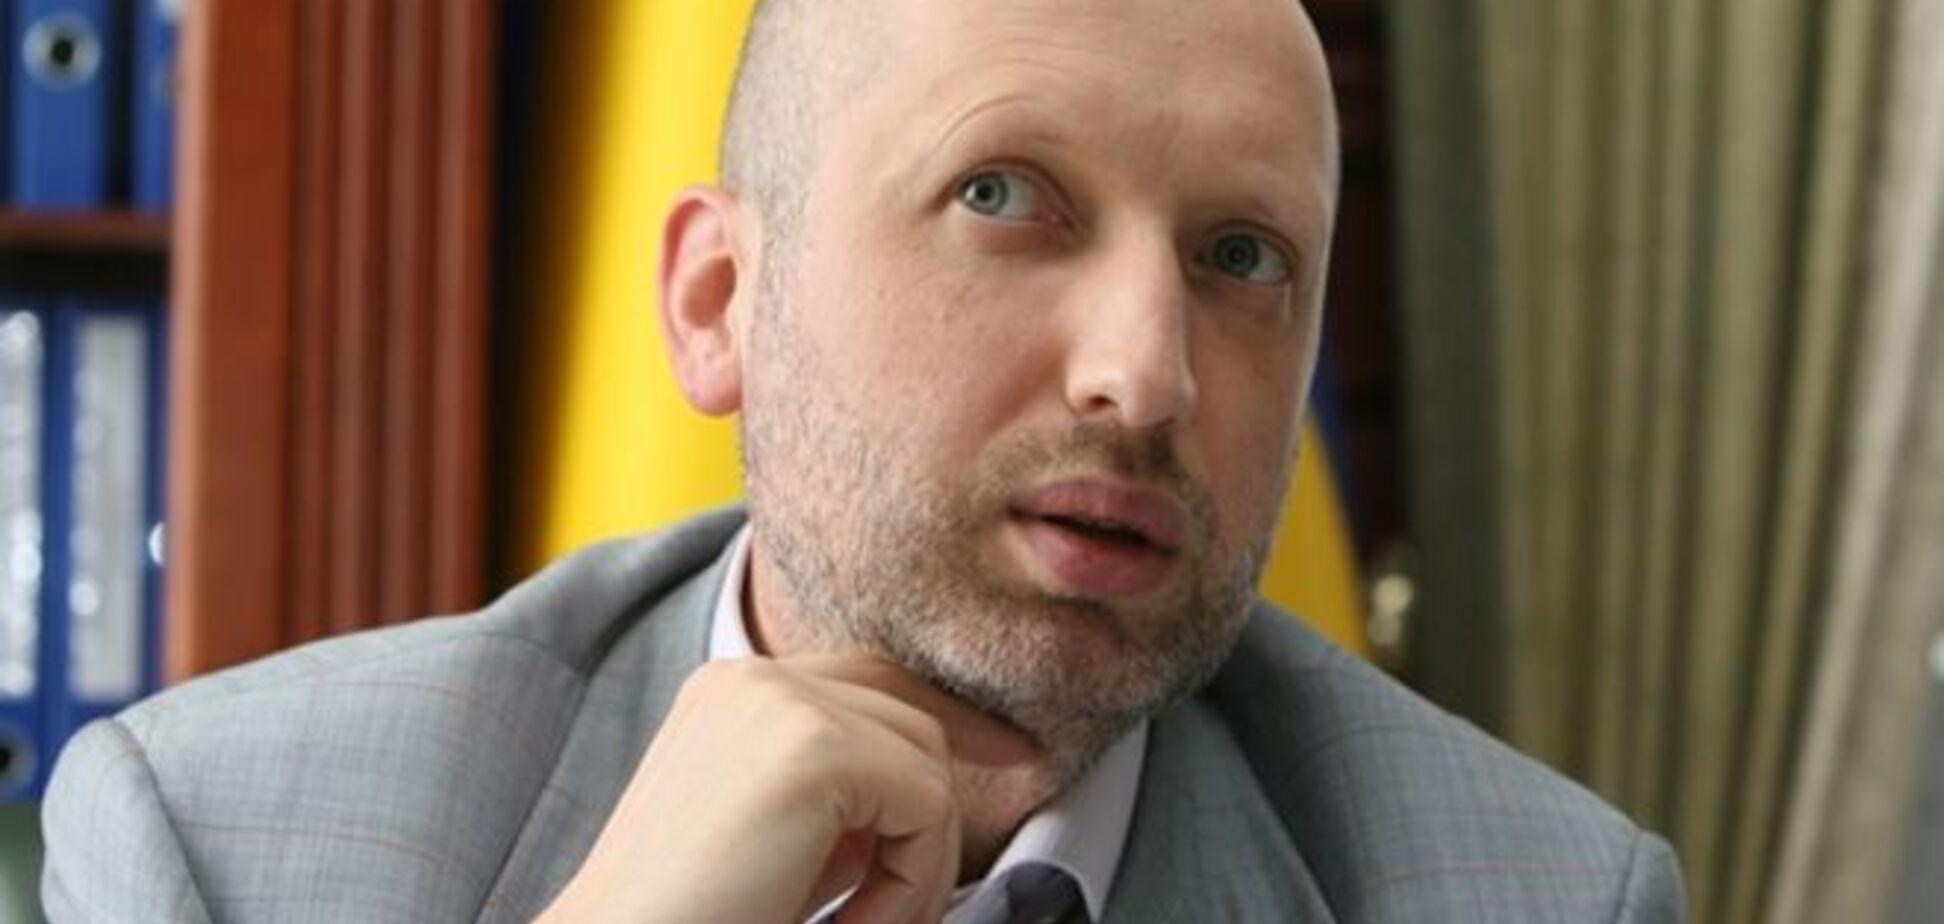 Террористов из Одессы и Харькова готовили российские спецслужбы - Турчинов